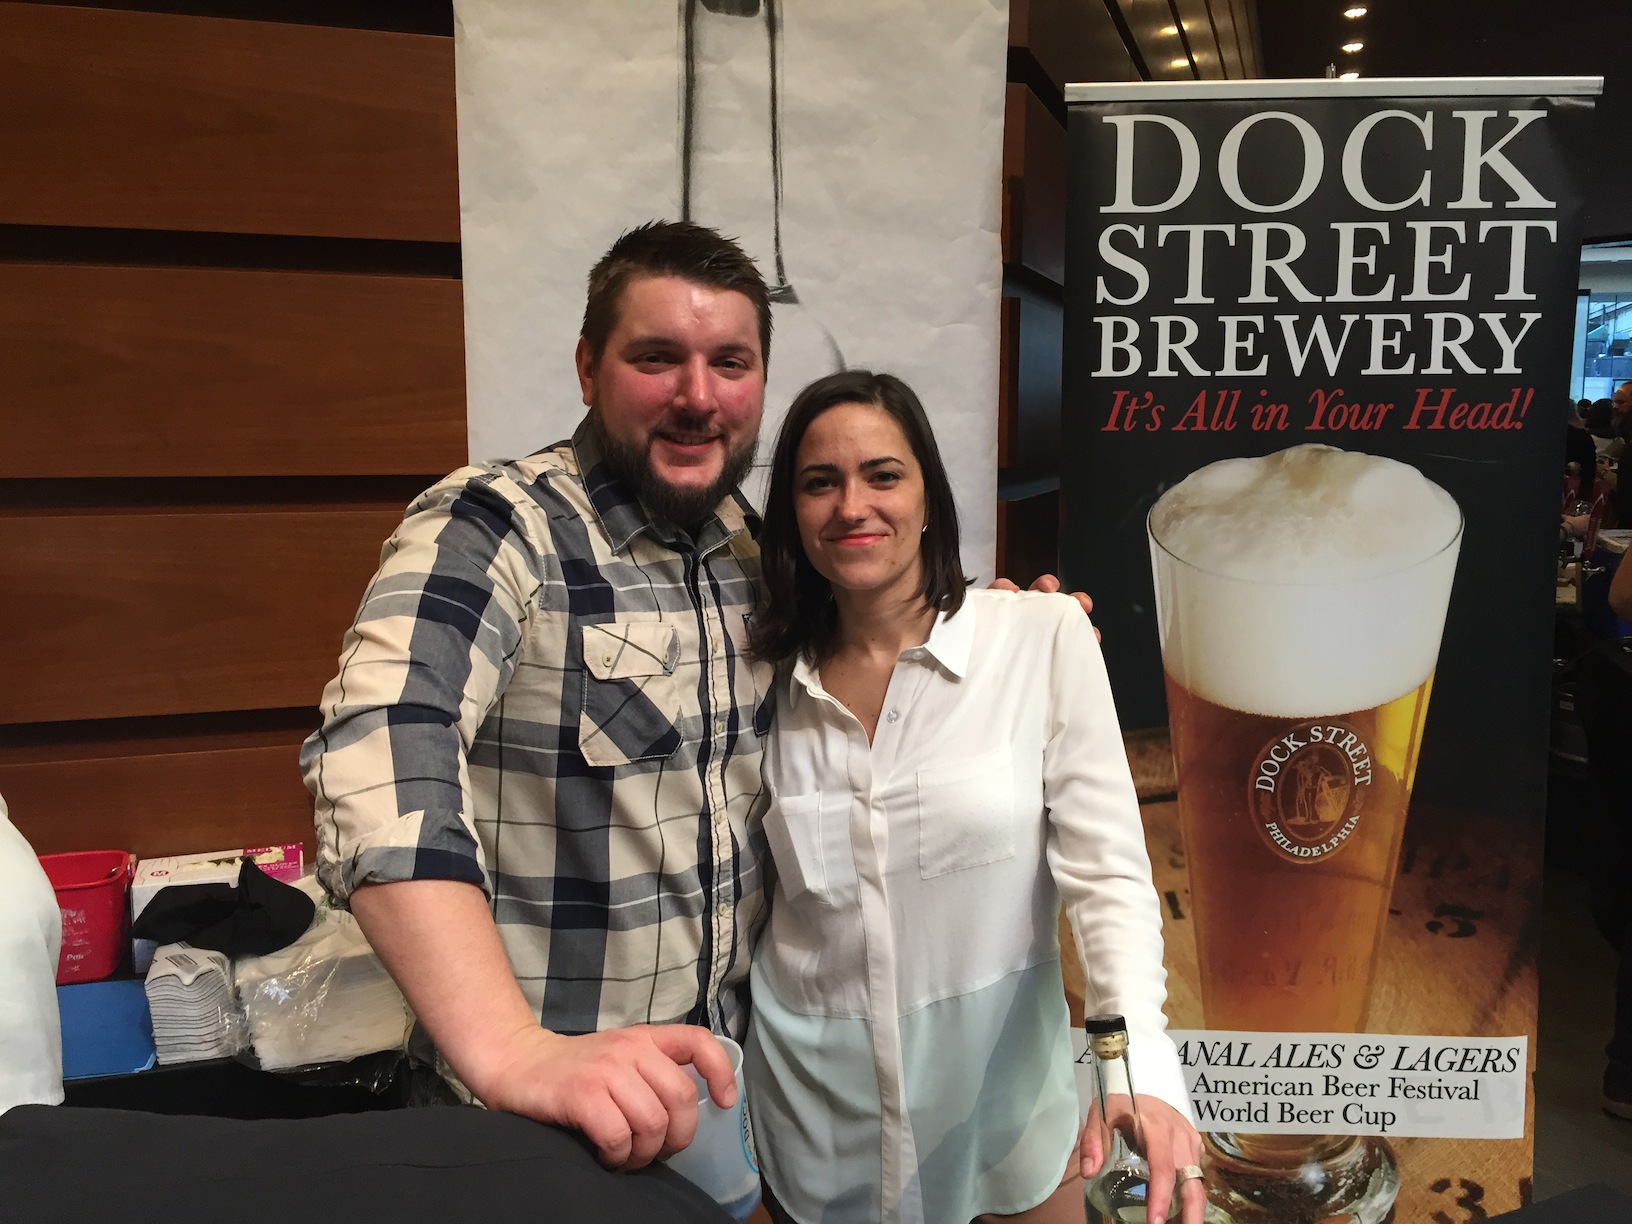 Dock Street's head brewer Vince & Marilyn